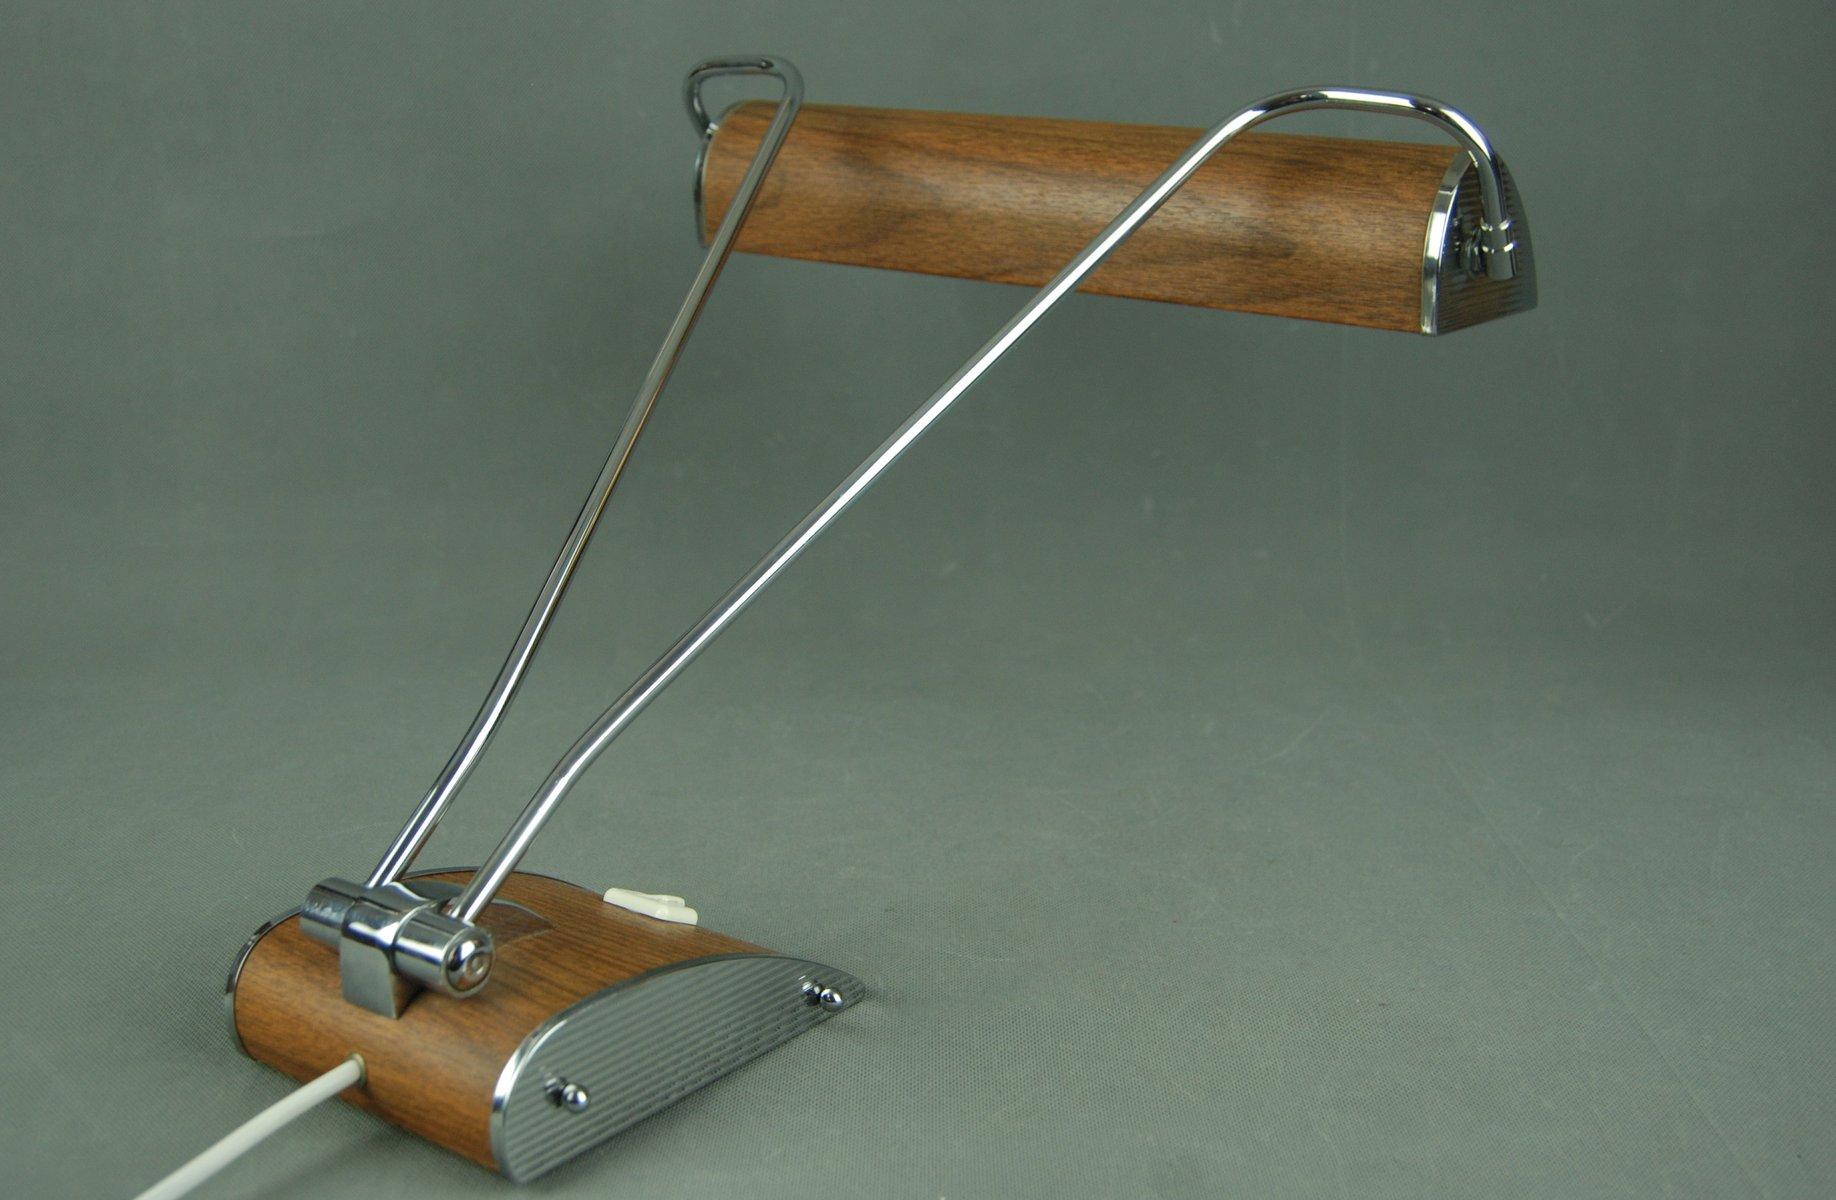 lampe de bureau mid century par eileen gray pour jumo france en vente sur pamono. Black Bedroom Furniture Sets. Home Design Ideas